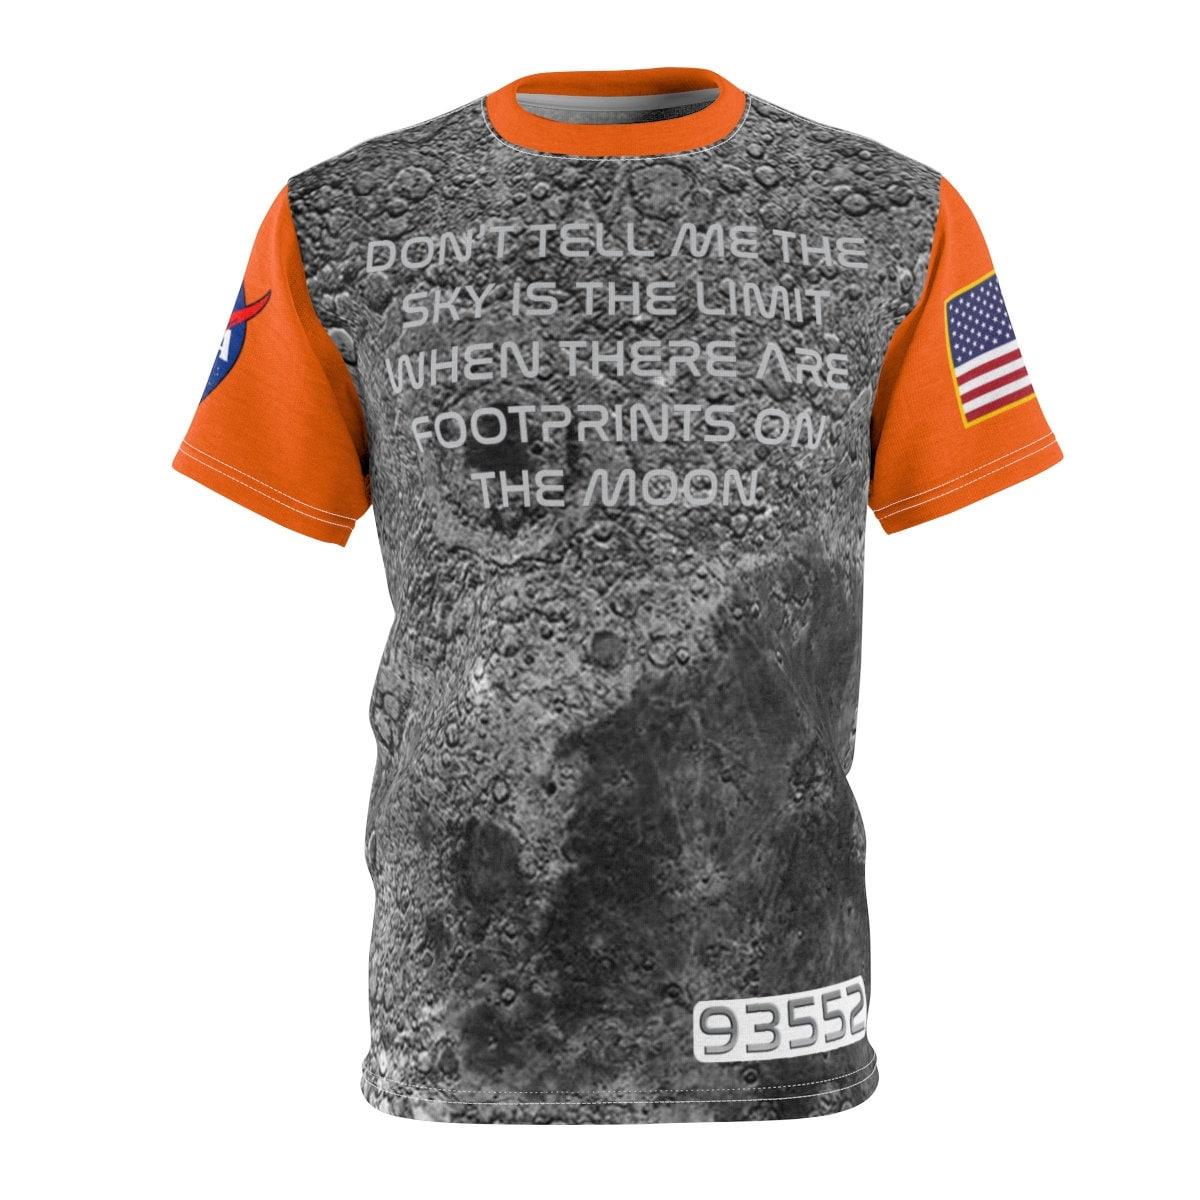 Nike PG3 x NASA T Shirt, NASA Inspired PG3 Shirt, Shirt For Nike PG3 NASA, Nasa T shirt, PG3 T shirt, Cut&Sew